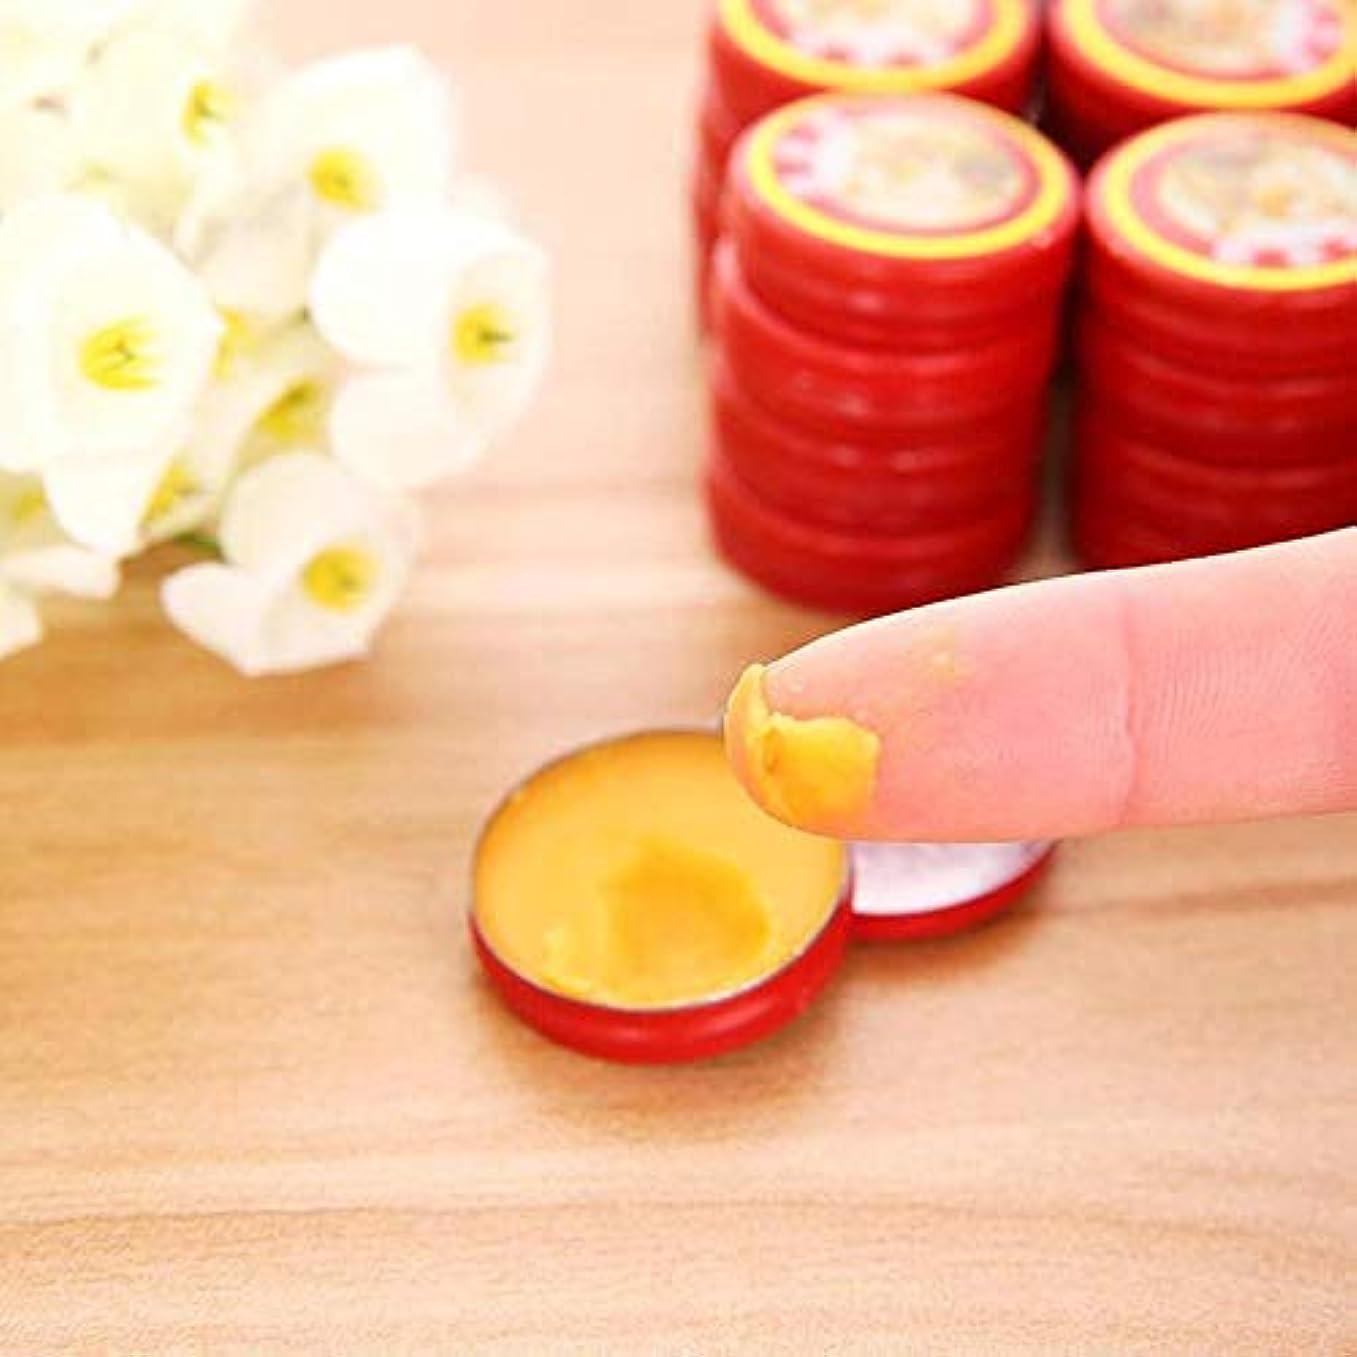 なくなるフォアマンスクラップ10個中国のタイガーバームレッドリフレッシュインフルエンザの冷たい自分の治療めまい筋肉マッサージャーリラックスエッセンシャルオイル